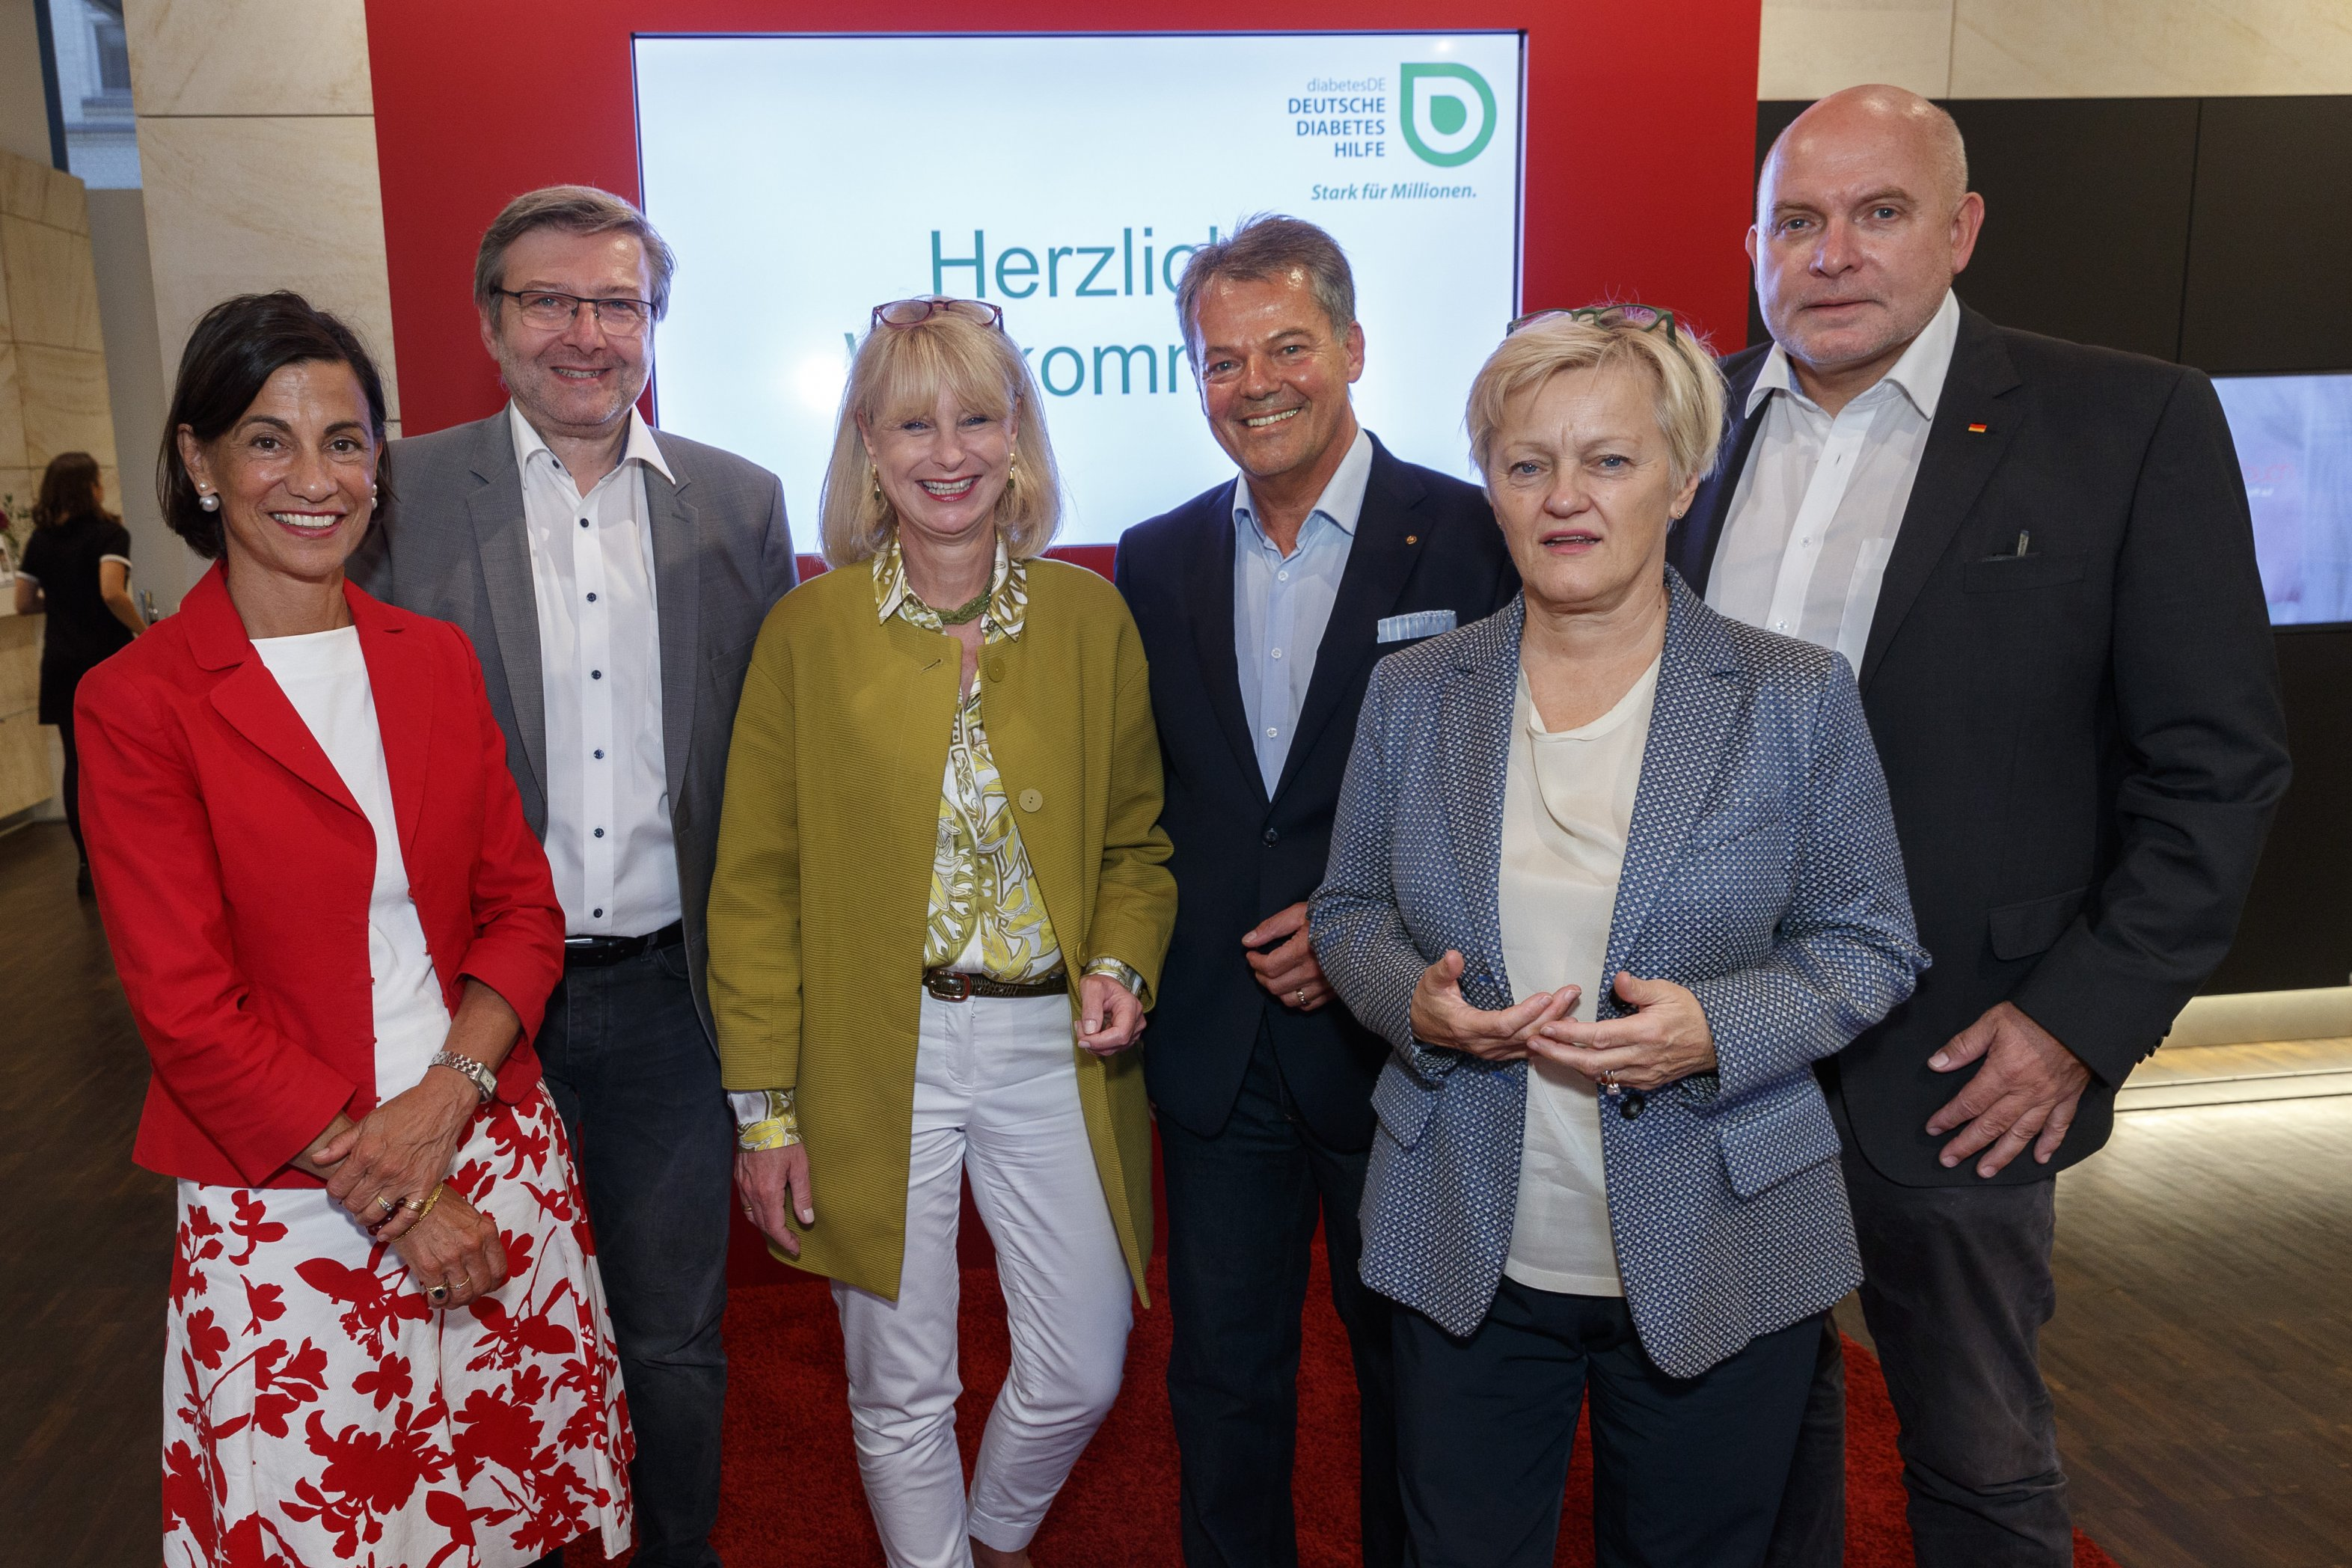 v.l.n.r. Dagmar von Cramm, Dirk Heidenblut MdB, Karin Maag MdB, Prof. Dr. Thomas Haak, Renate Küna